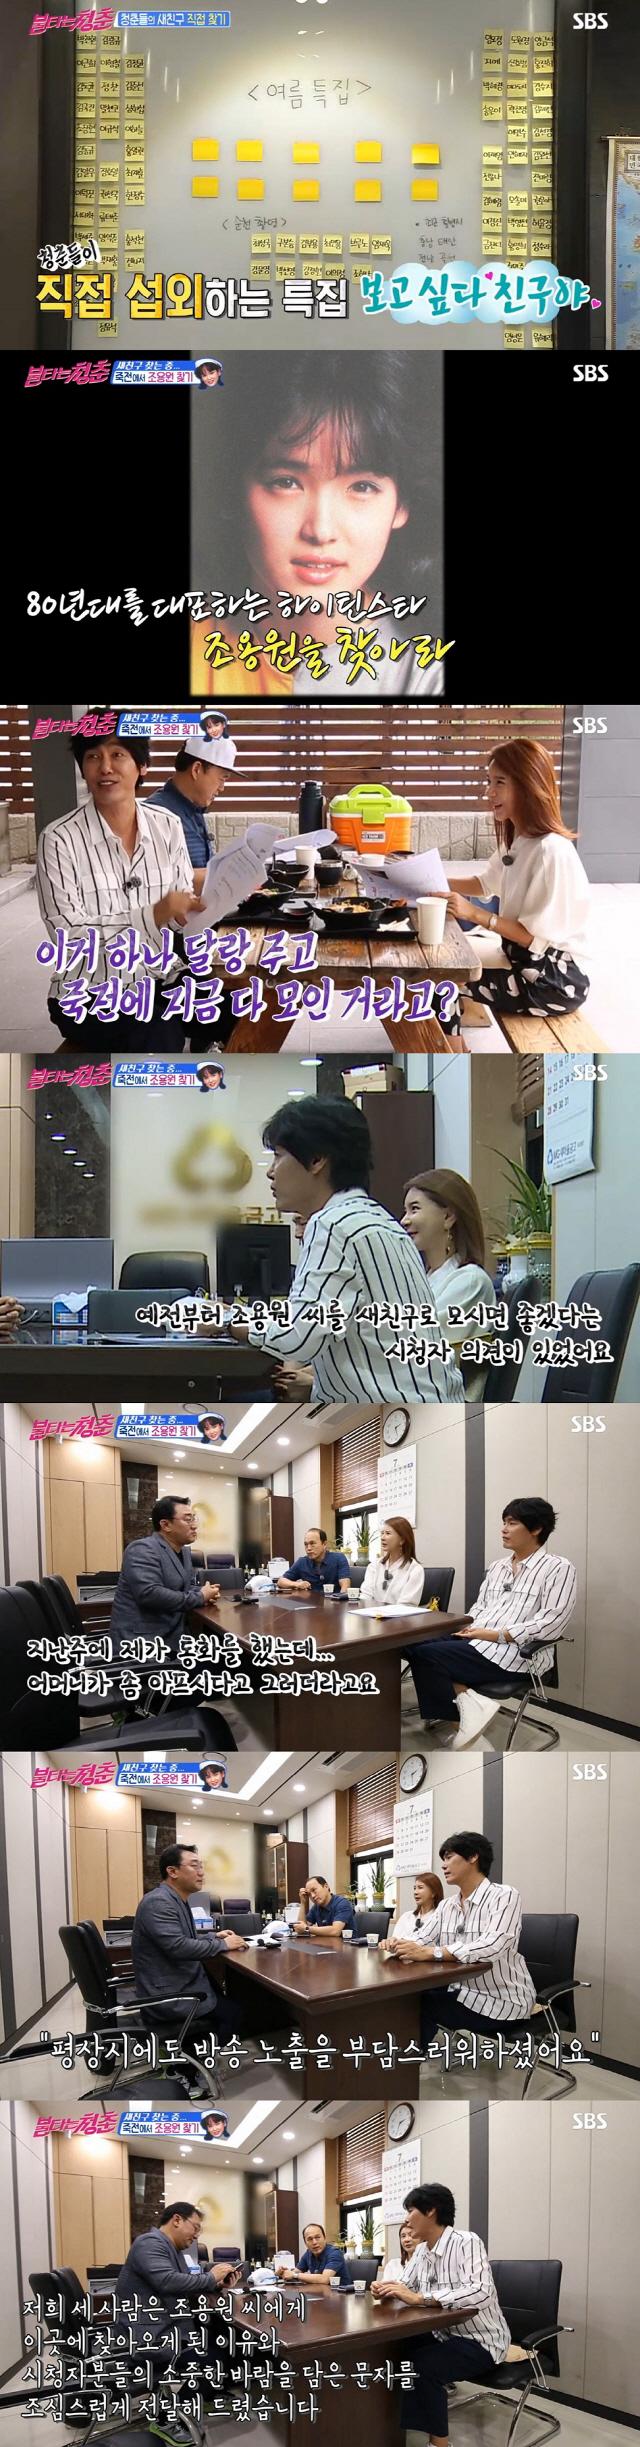 '불타는 청춘' 세일즈맨 된 90년대 인기가수 김민우 찾기 '최고의 1분'